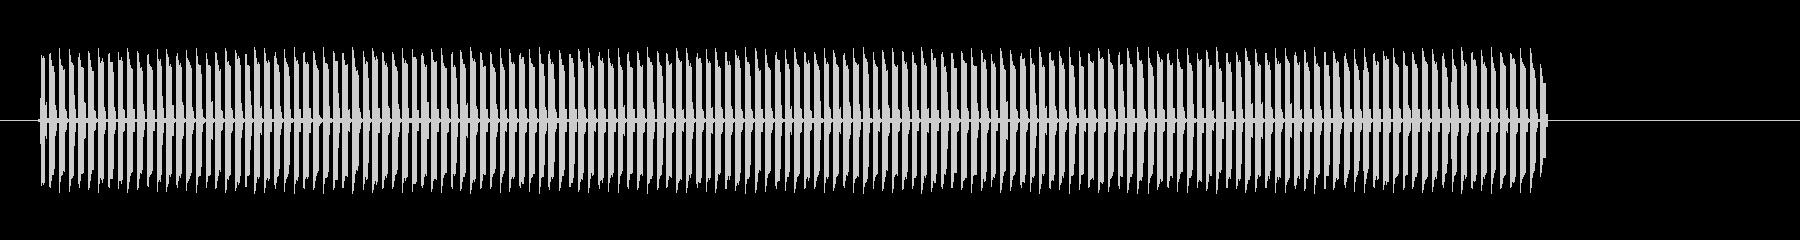 プルルルルル!高音電子音の未再生の波形